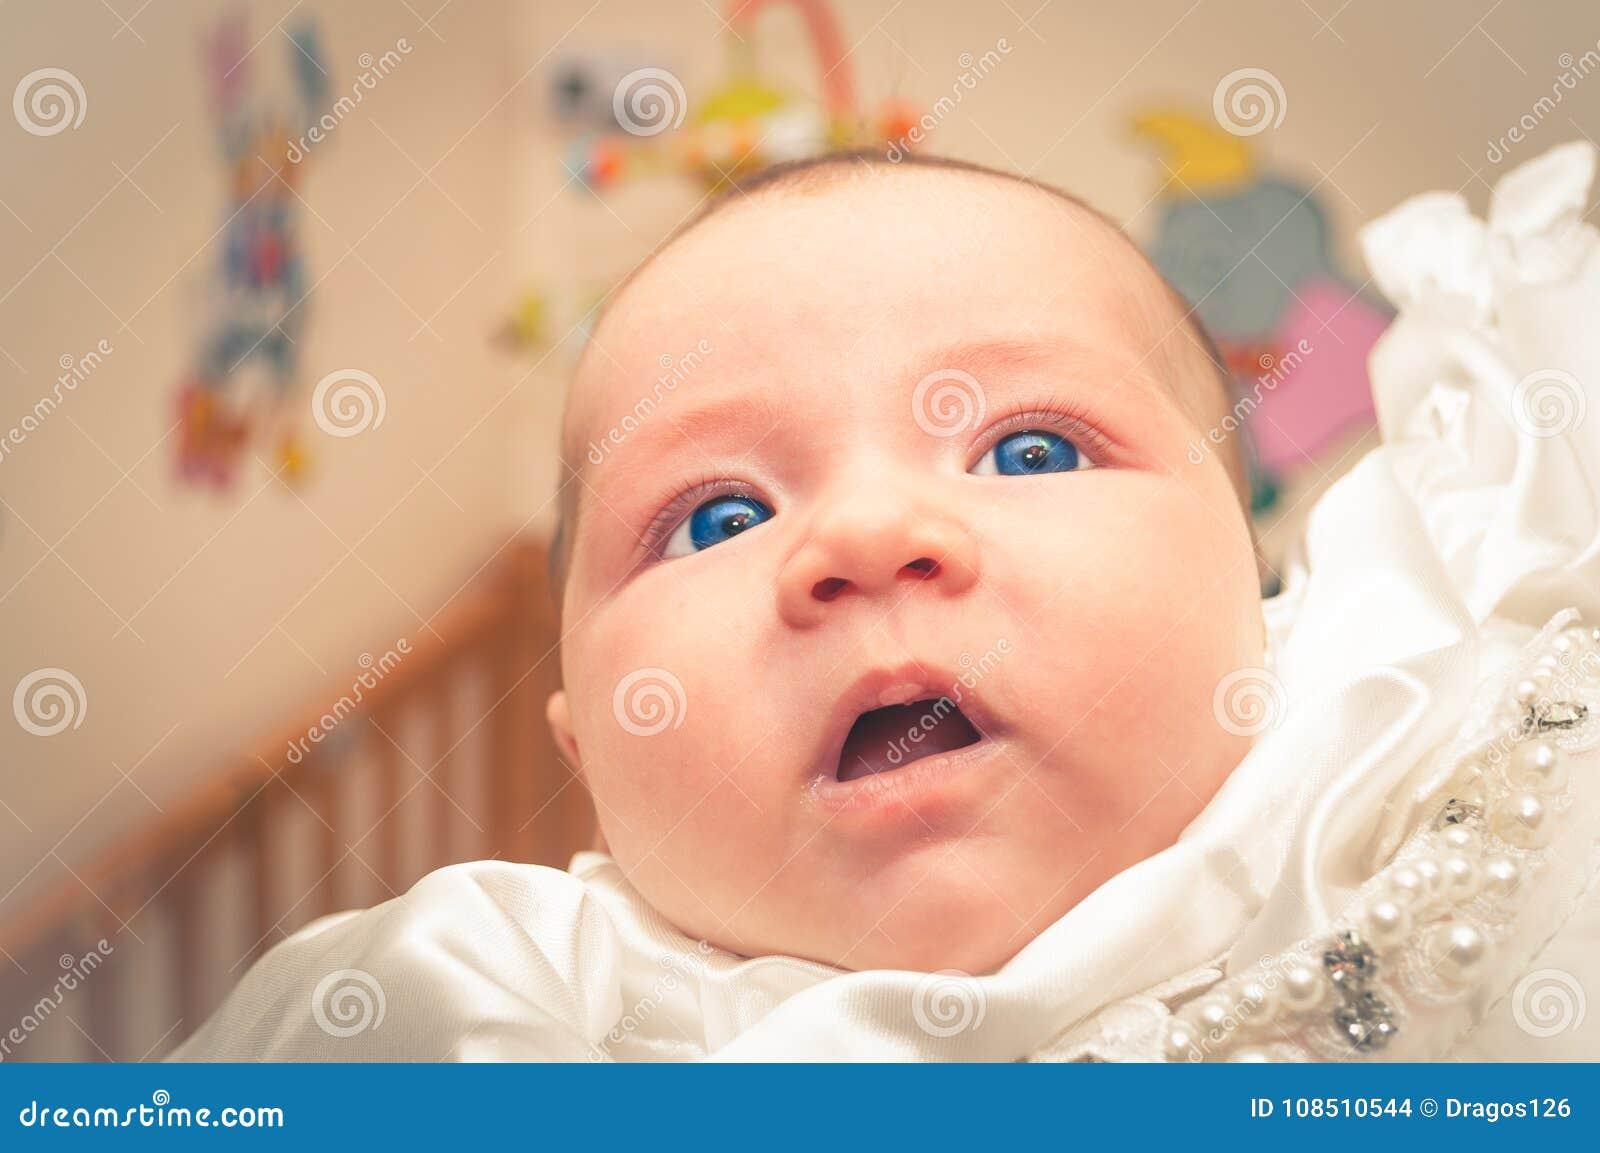 Baby Reibt Sich Augen